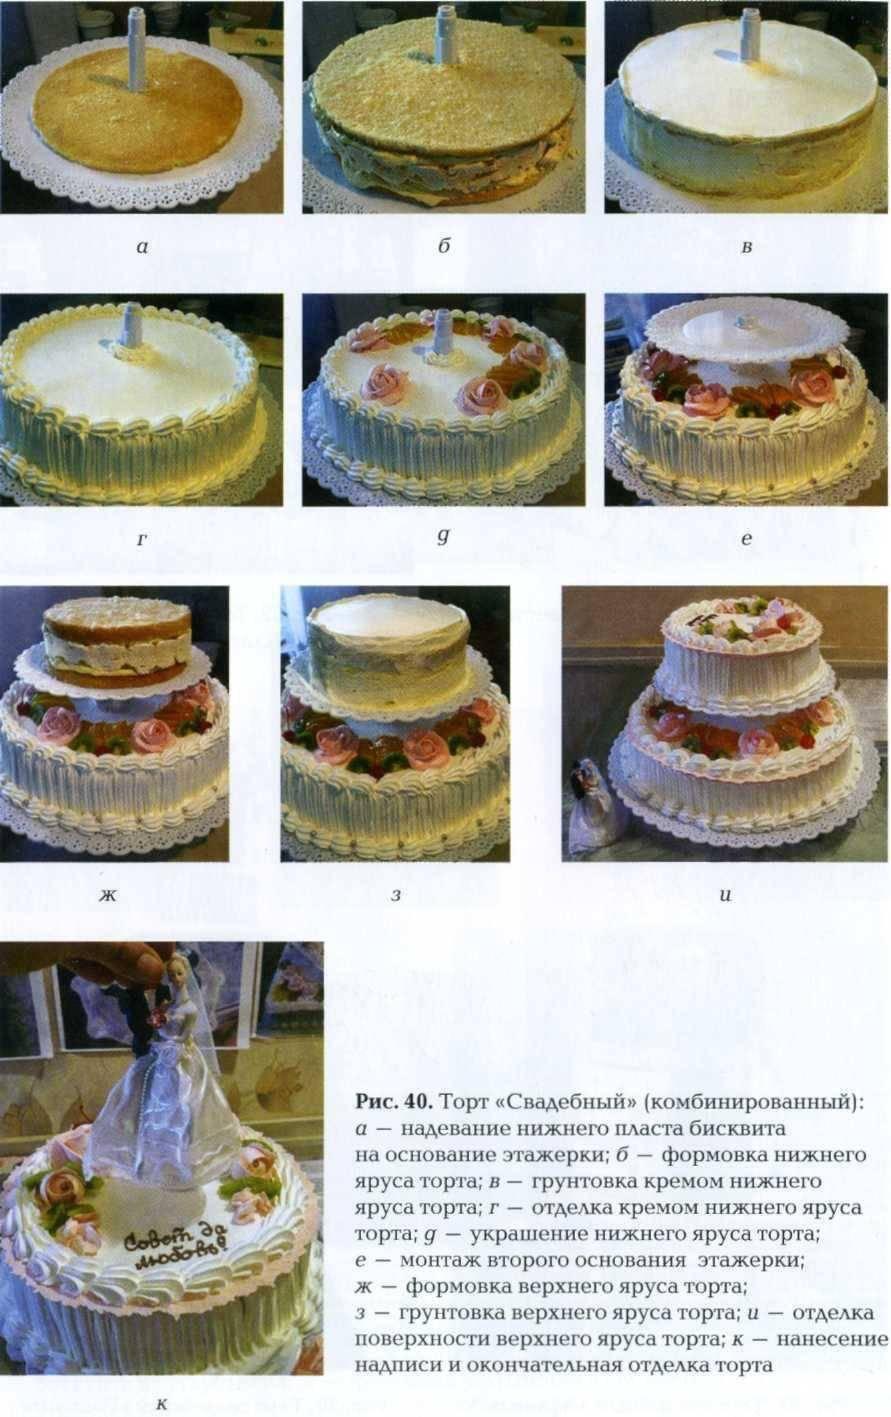 Свадебный двухъярусный торт: оригинальные идеи и особенности выбора